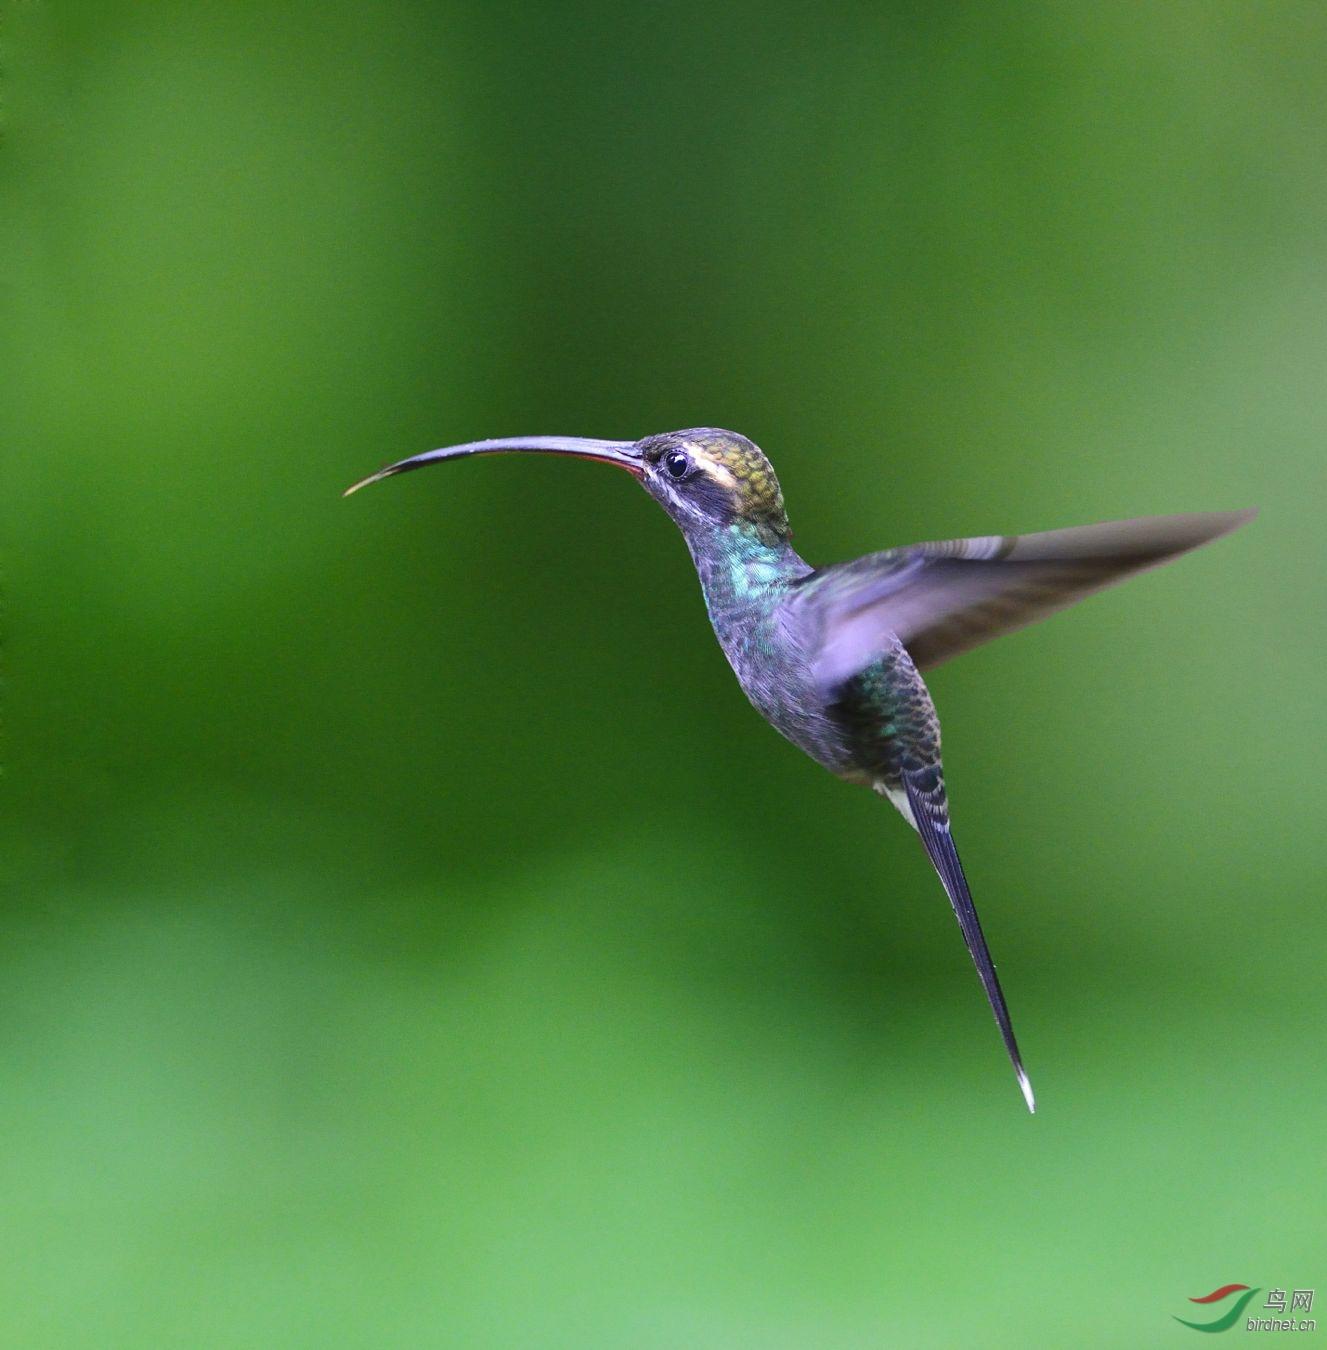 (长尾蜂鸟)再发一组蜂鸟